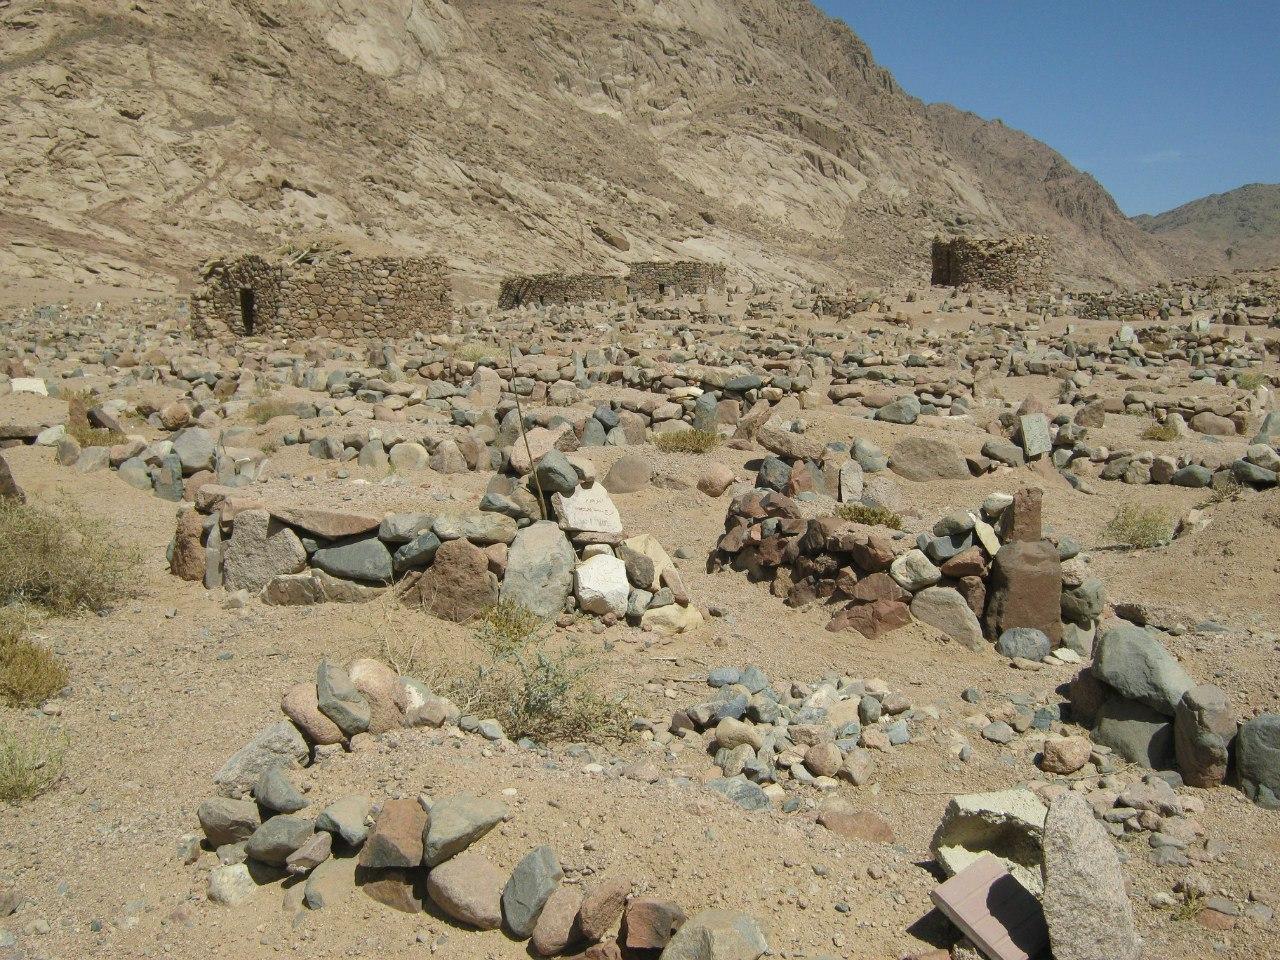 (наверно, это могилы) между селом и монастырём Святой Катерины